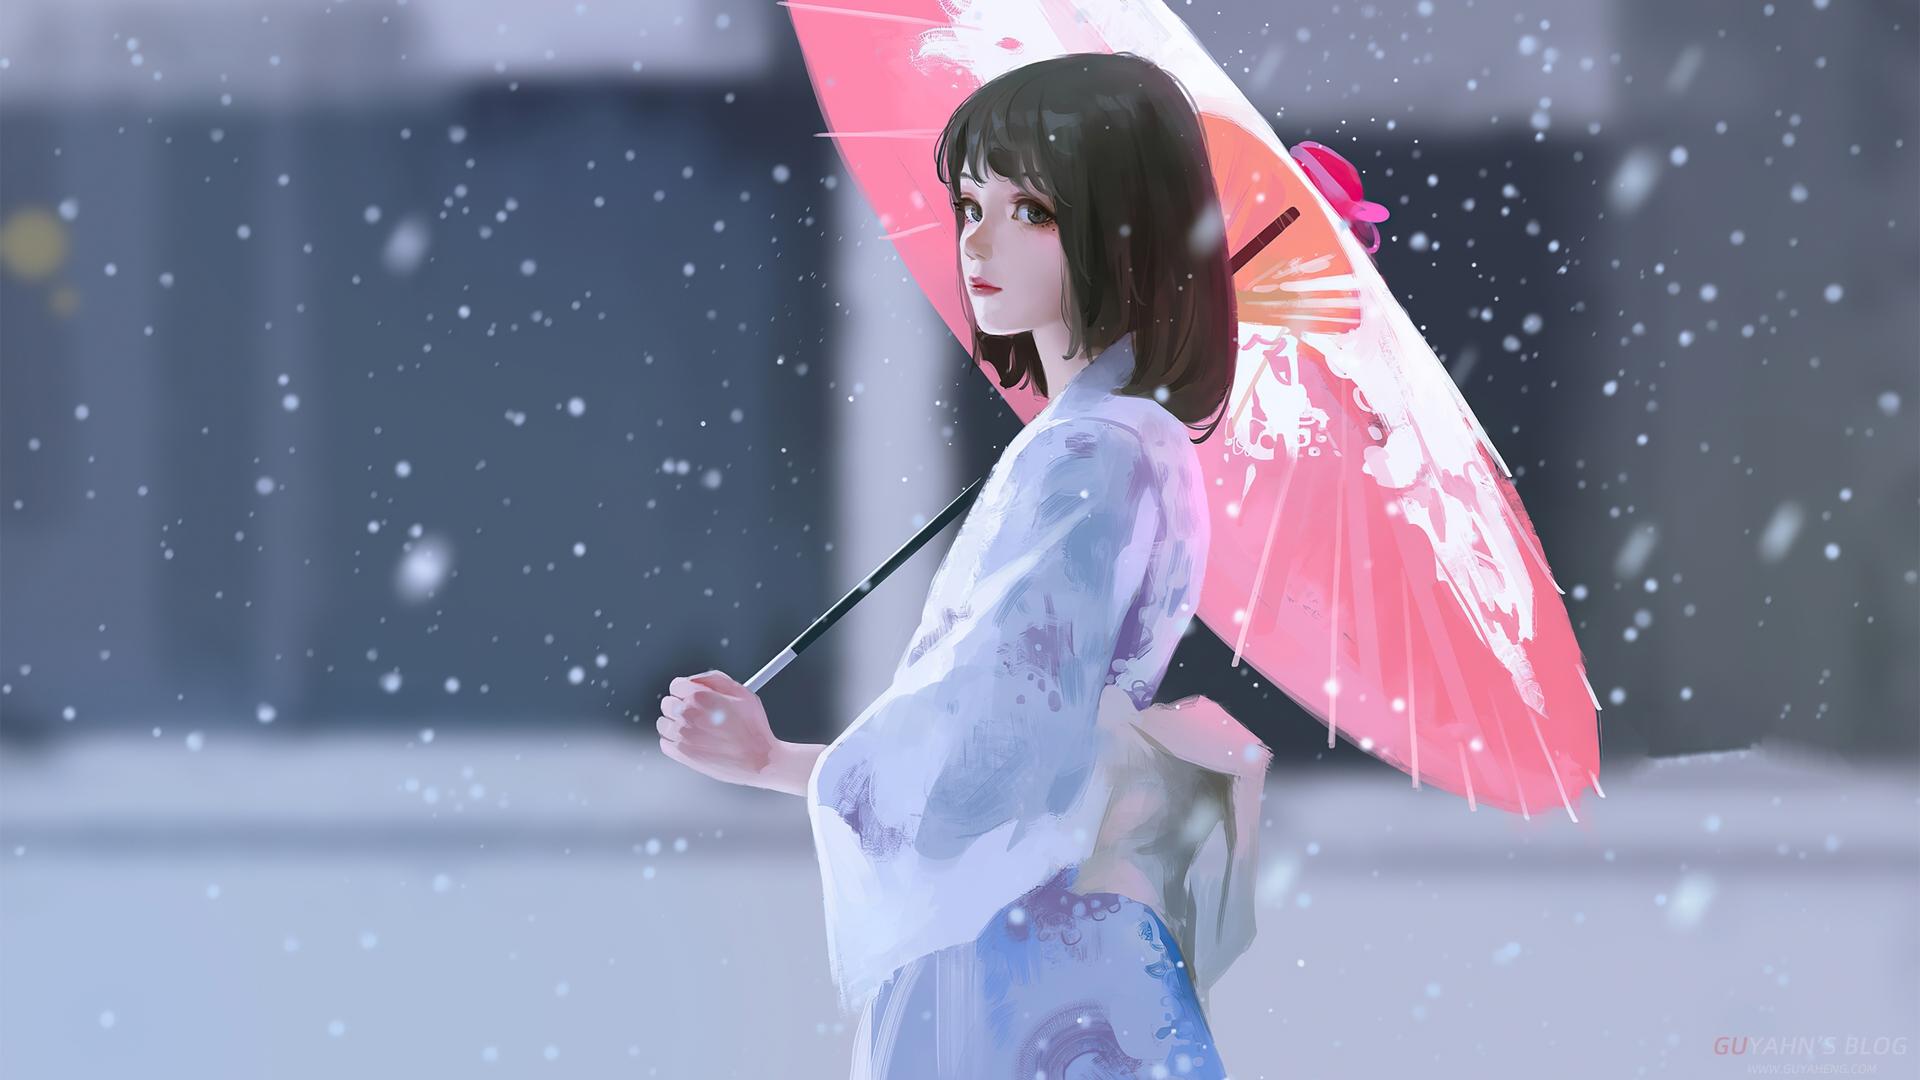 撑伞的女孩壁纸_Guyahn顾亚恒博客